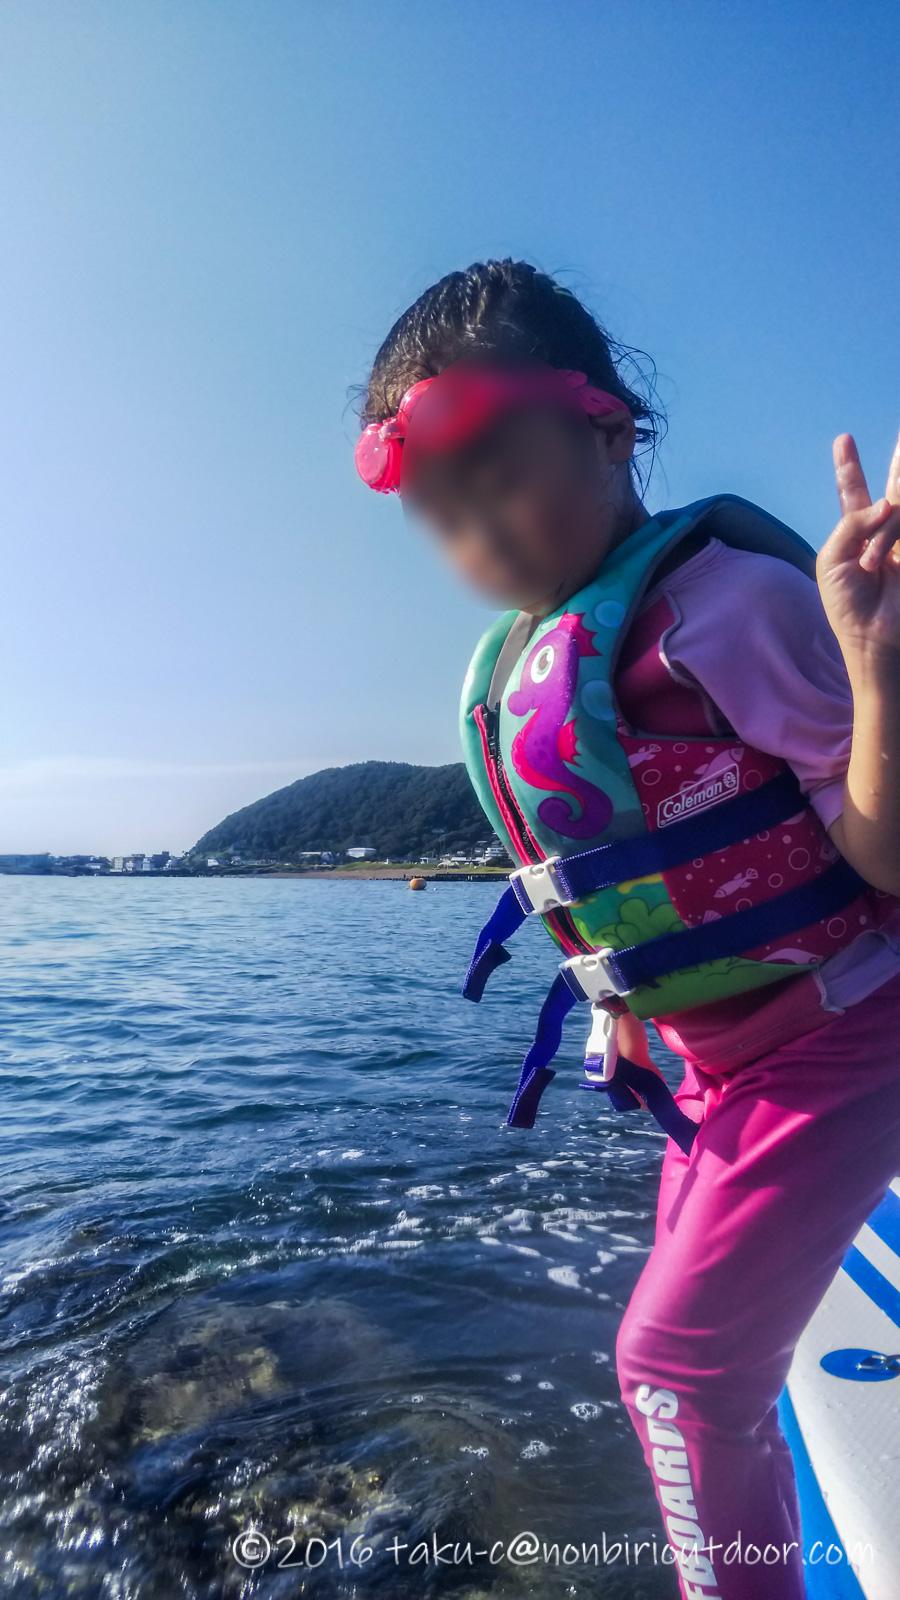 葉山の大浜海岸で初めてのSUPして小島上陸